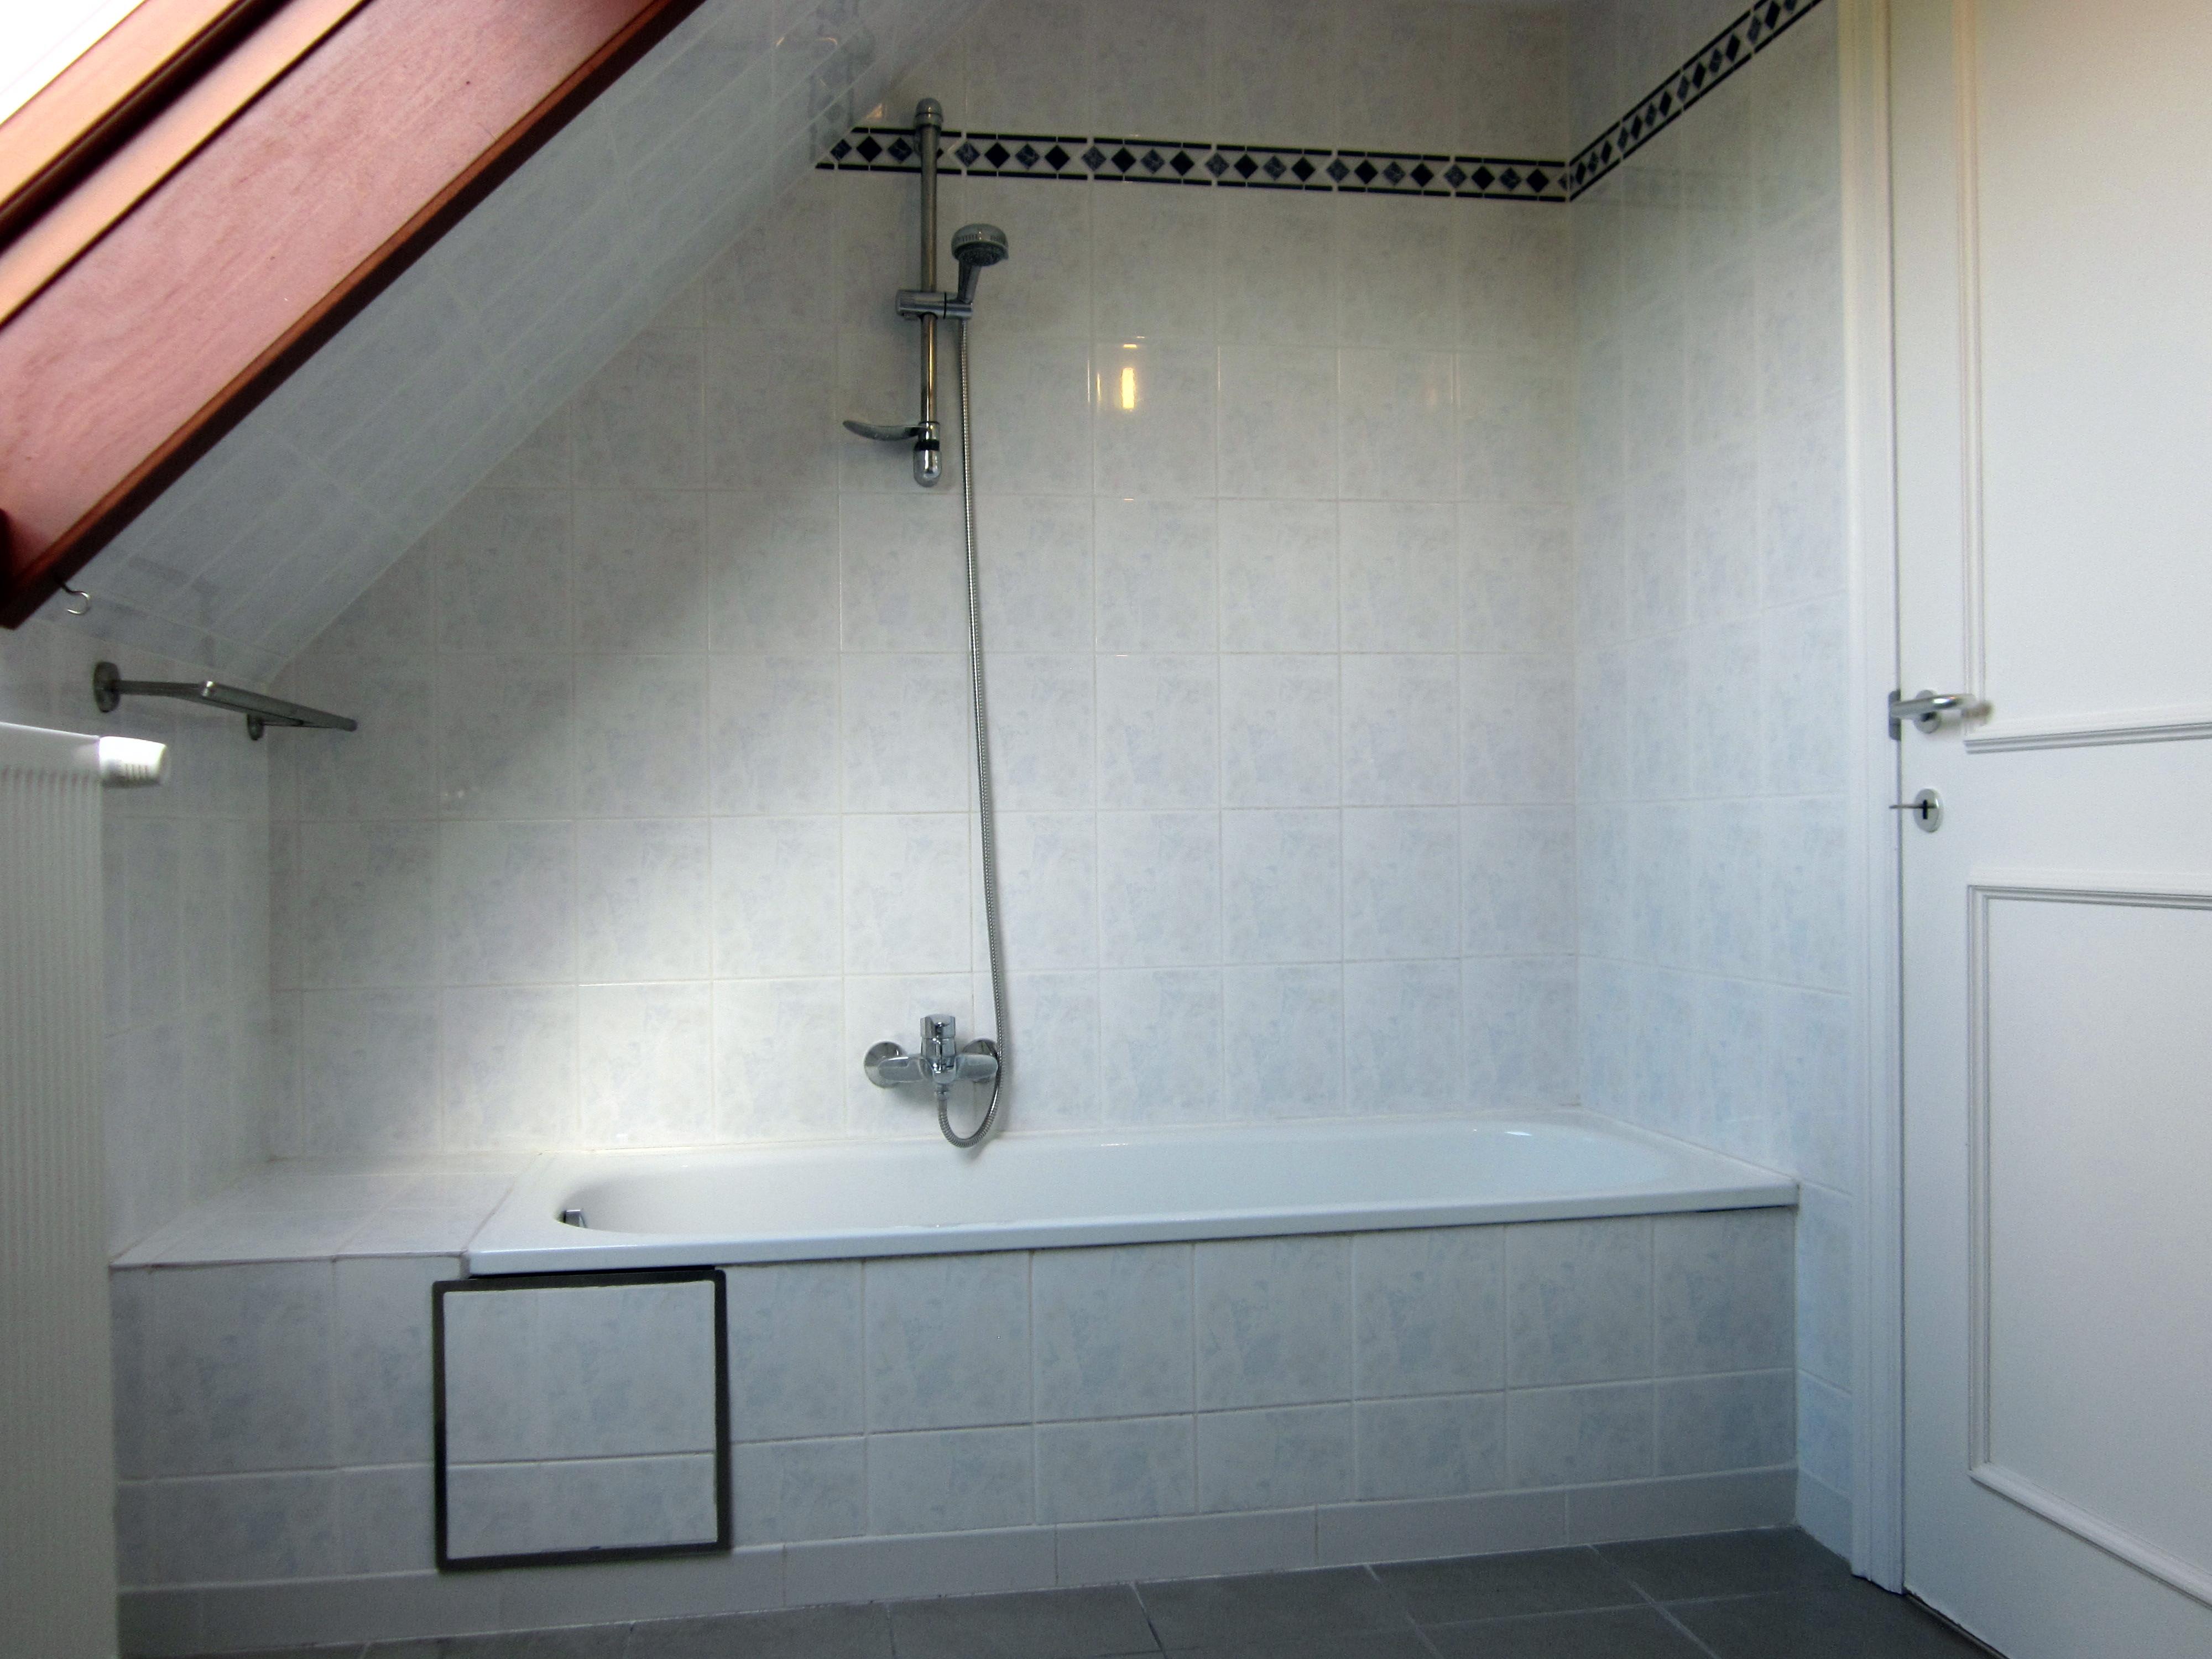 PRINSESTRAAT 1A - badkamer met ligbad en douche